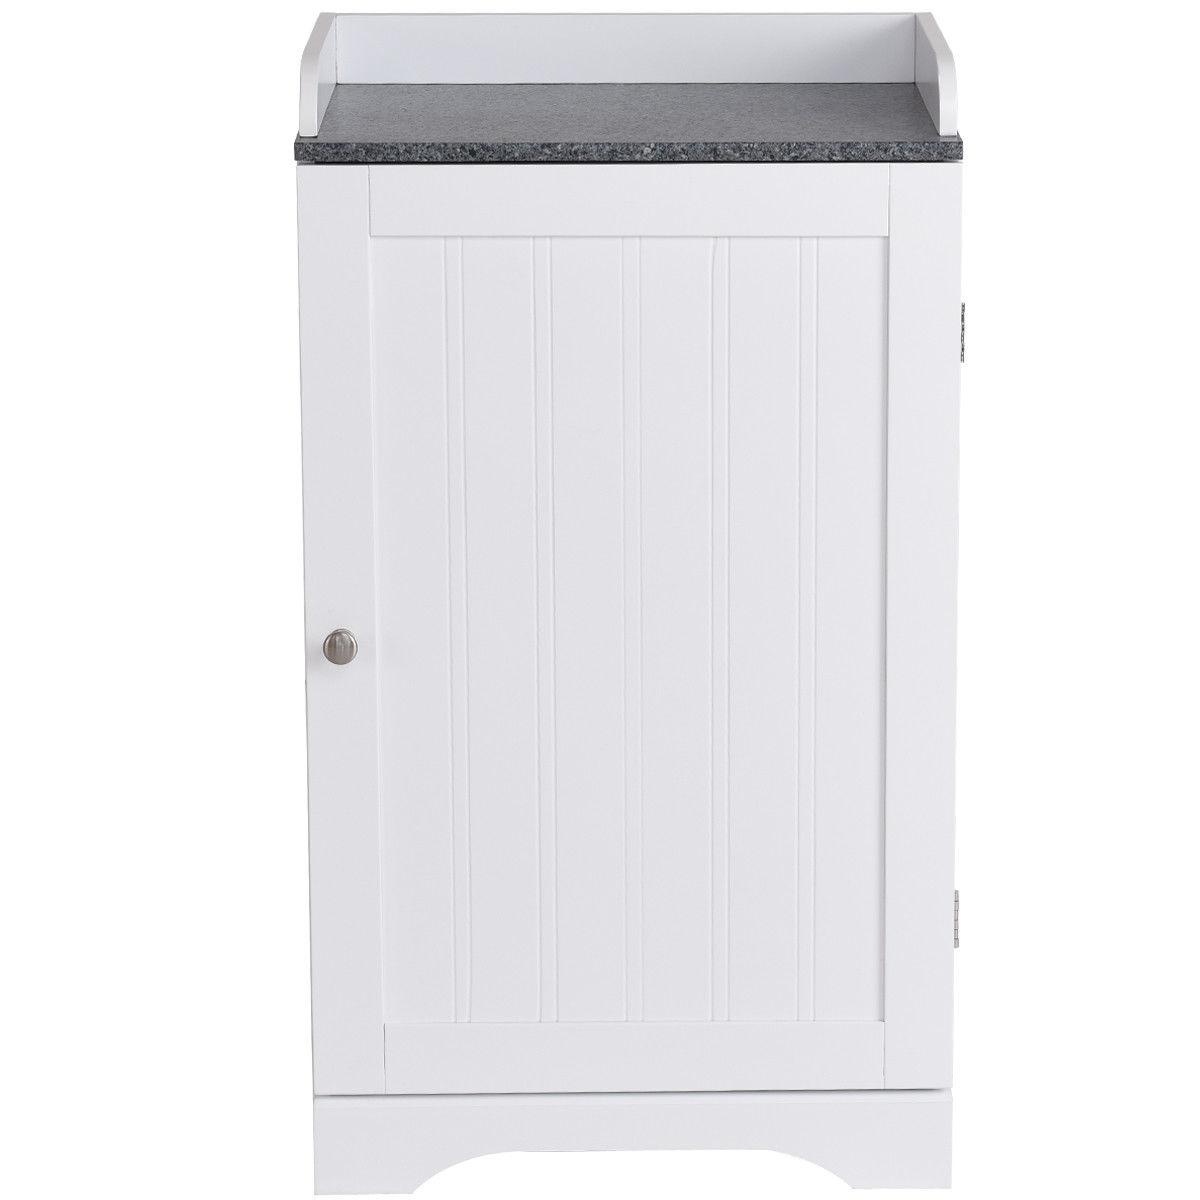 Bathroom Freestanding Storage Cabinet w/ Single Door